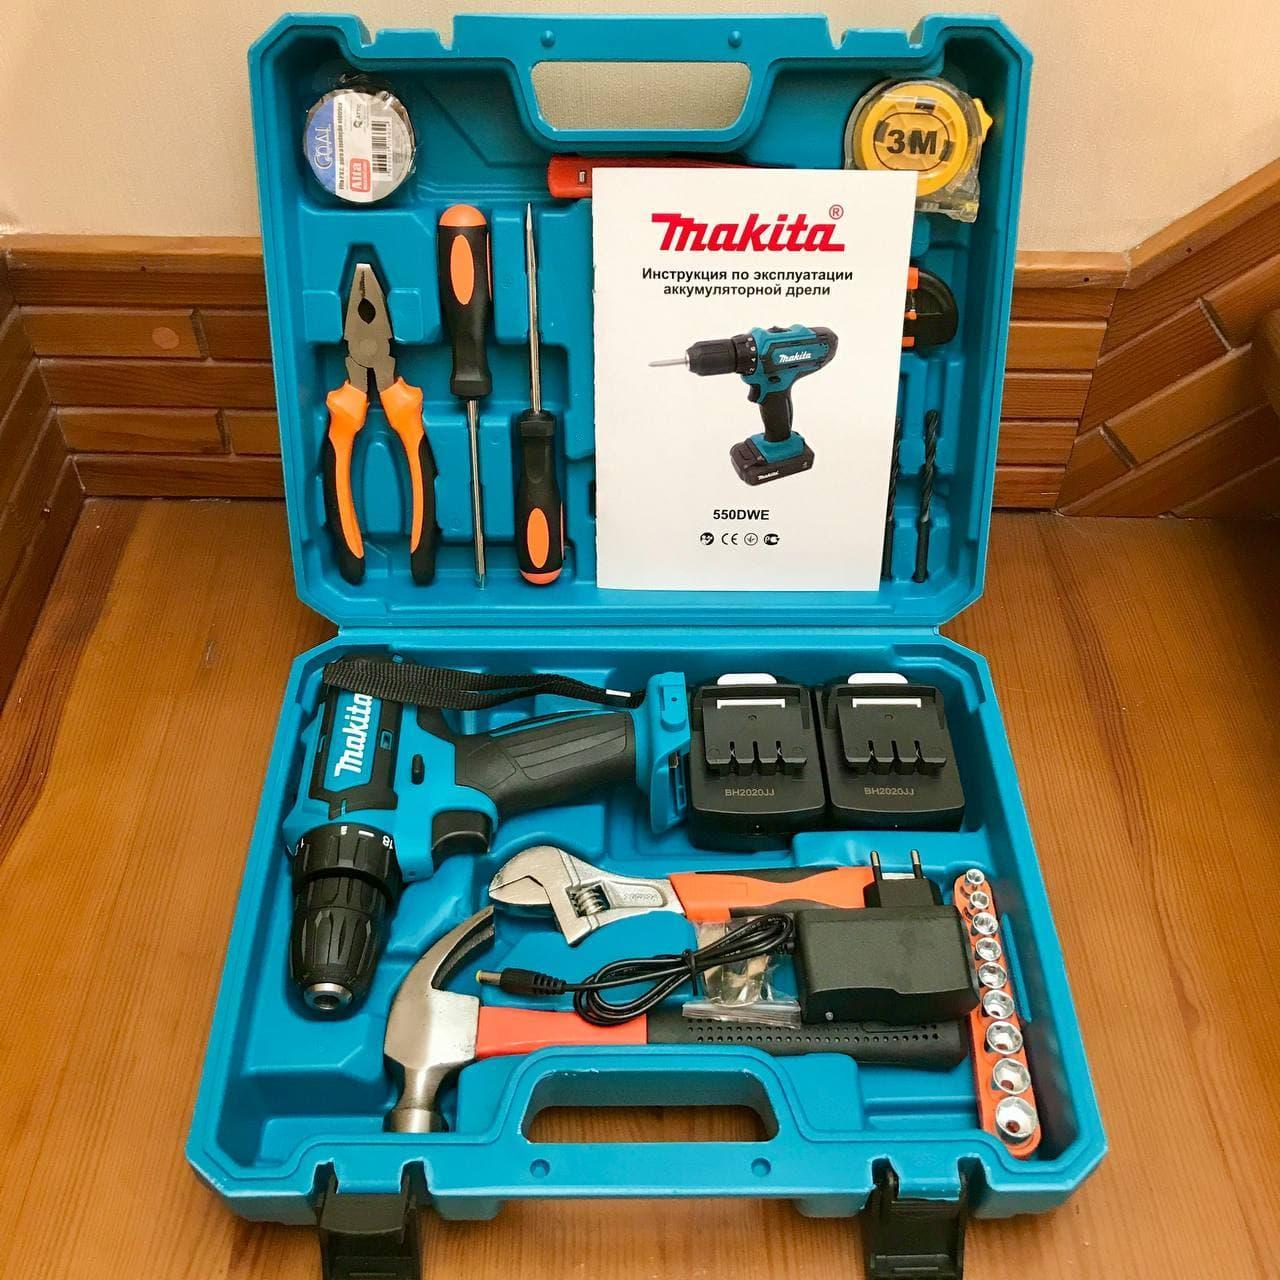 Аккумуляторный шуруповерт Makita 550 DWE (24V, 5 AH) с набором инструментов